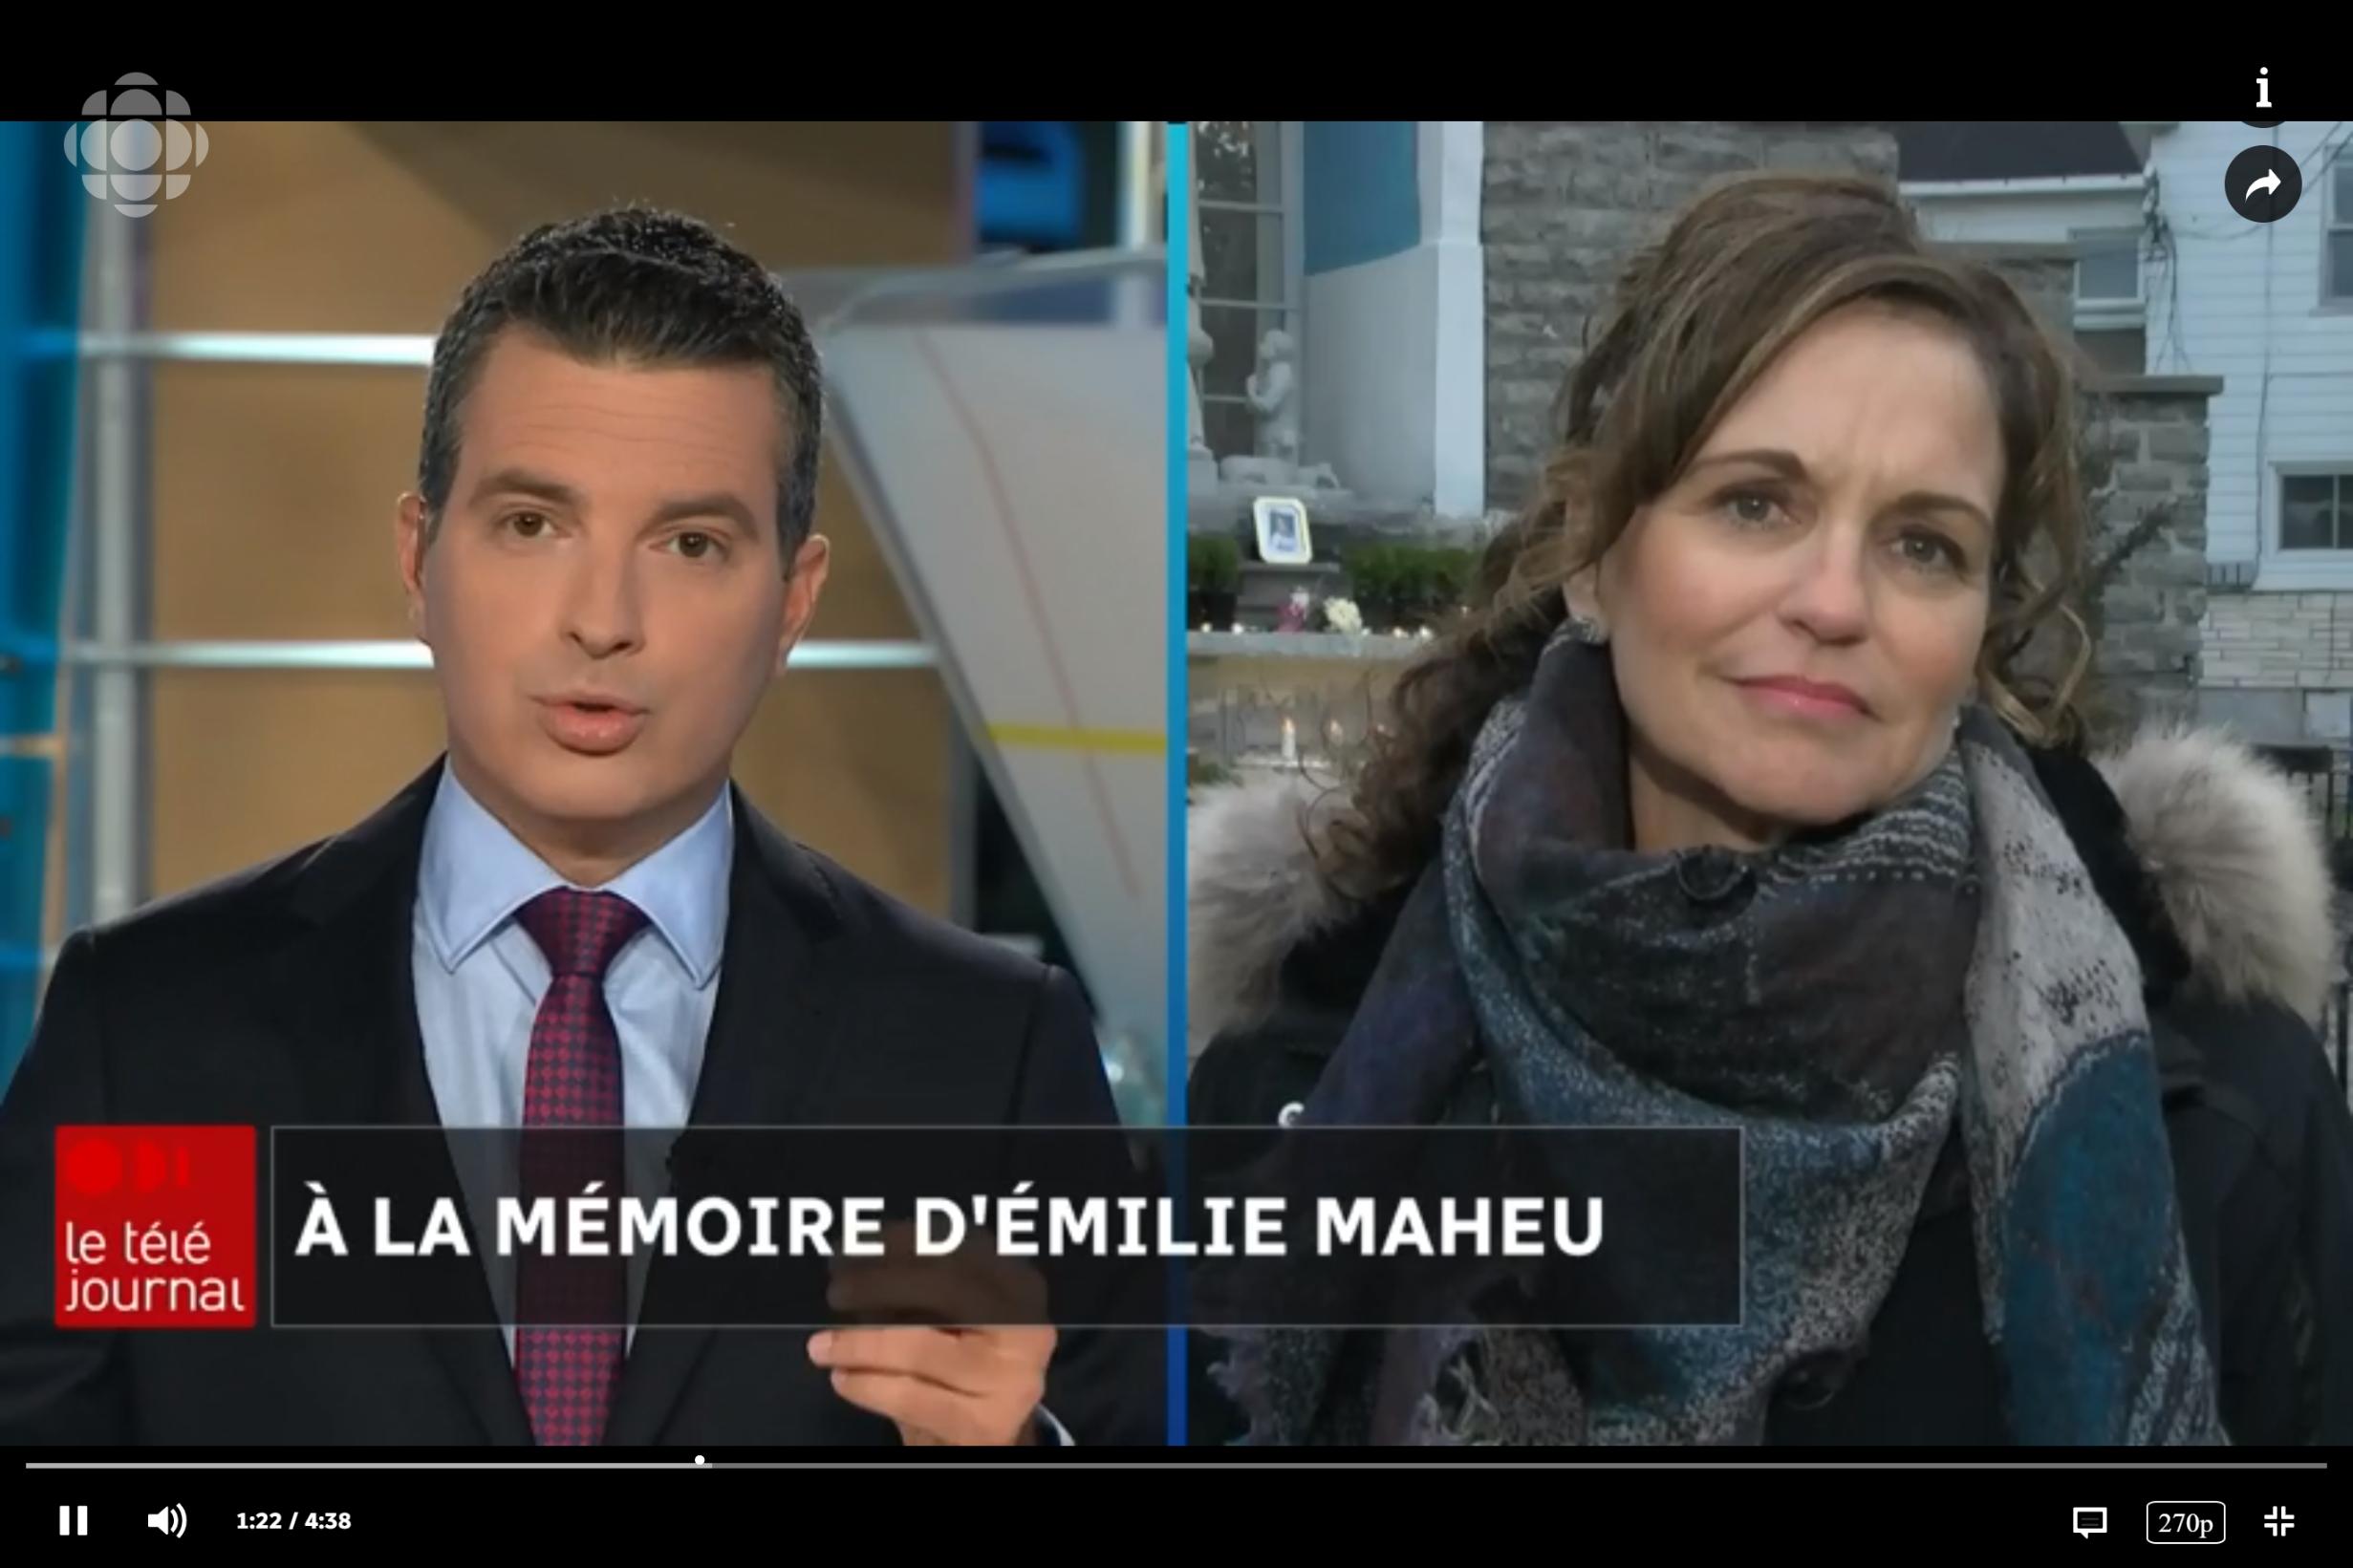 FR - Téléjournal Gatineau-Ottawa avec Mathieu Nadon, Radio-Canada -  À la mémoire d'Émilie Maheu  | 2018 10 24